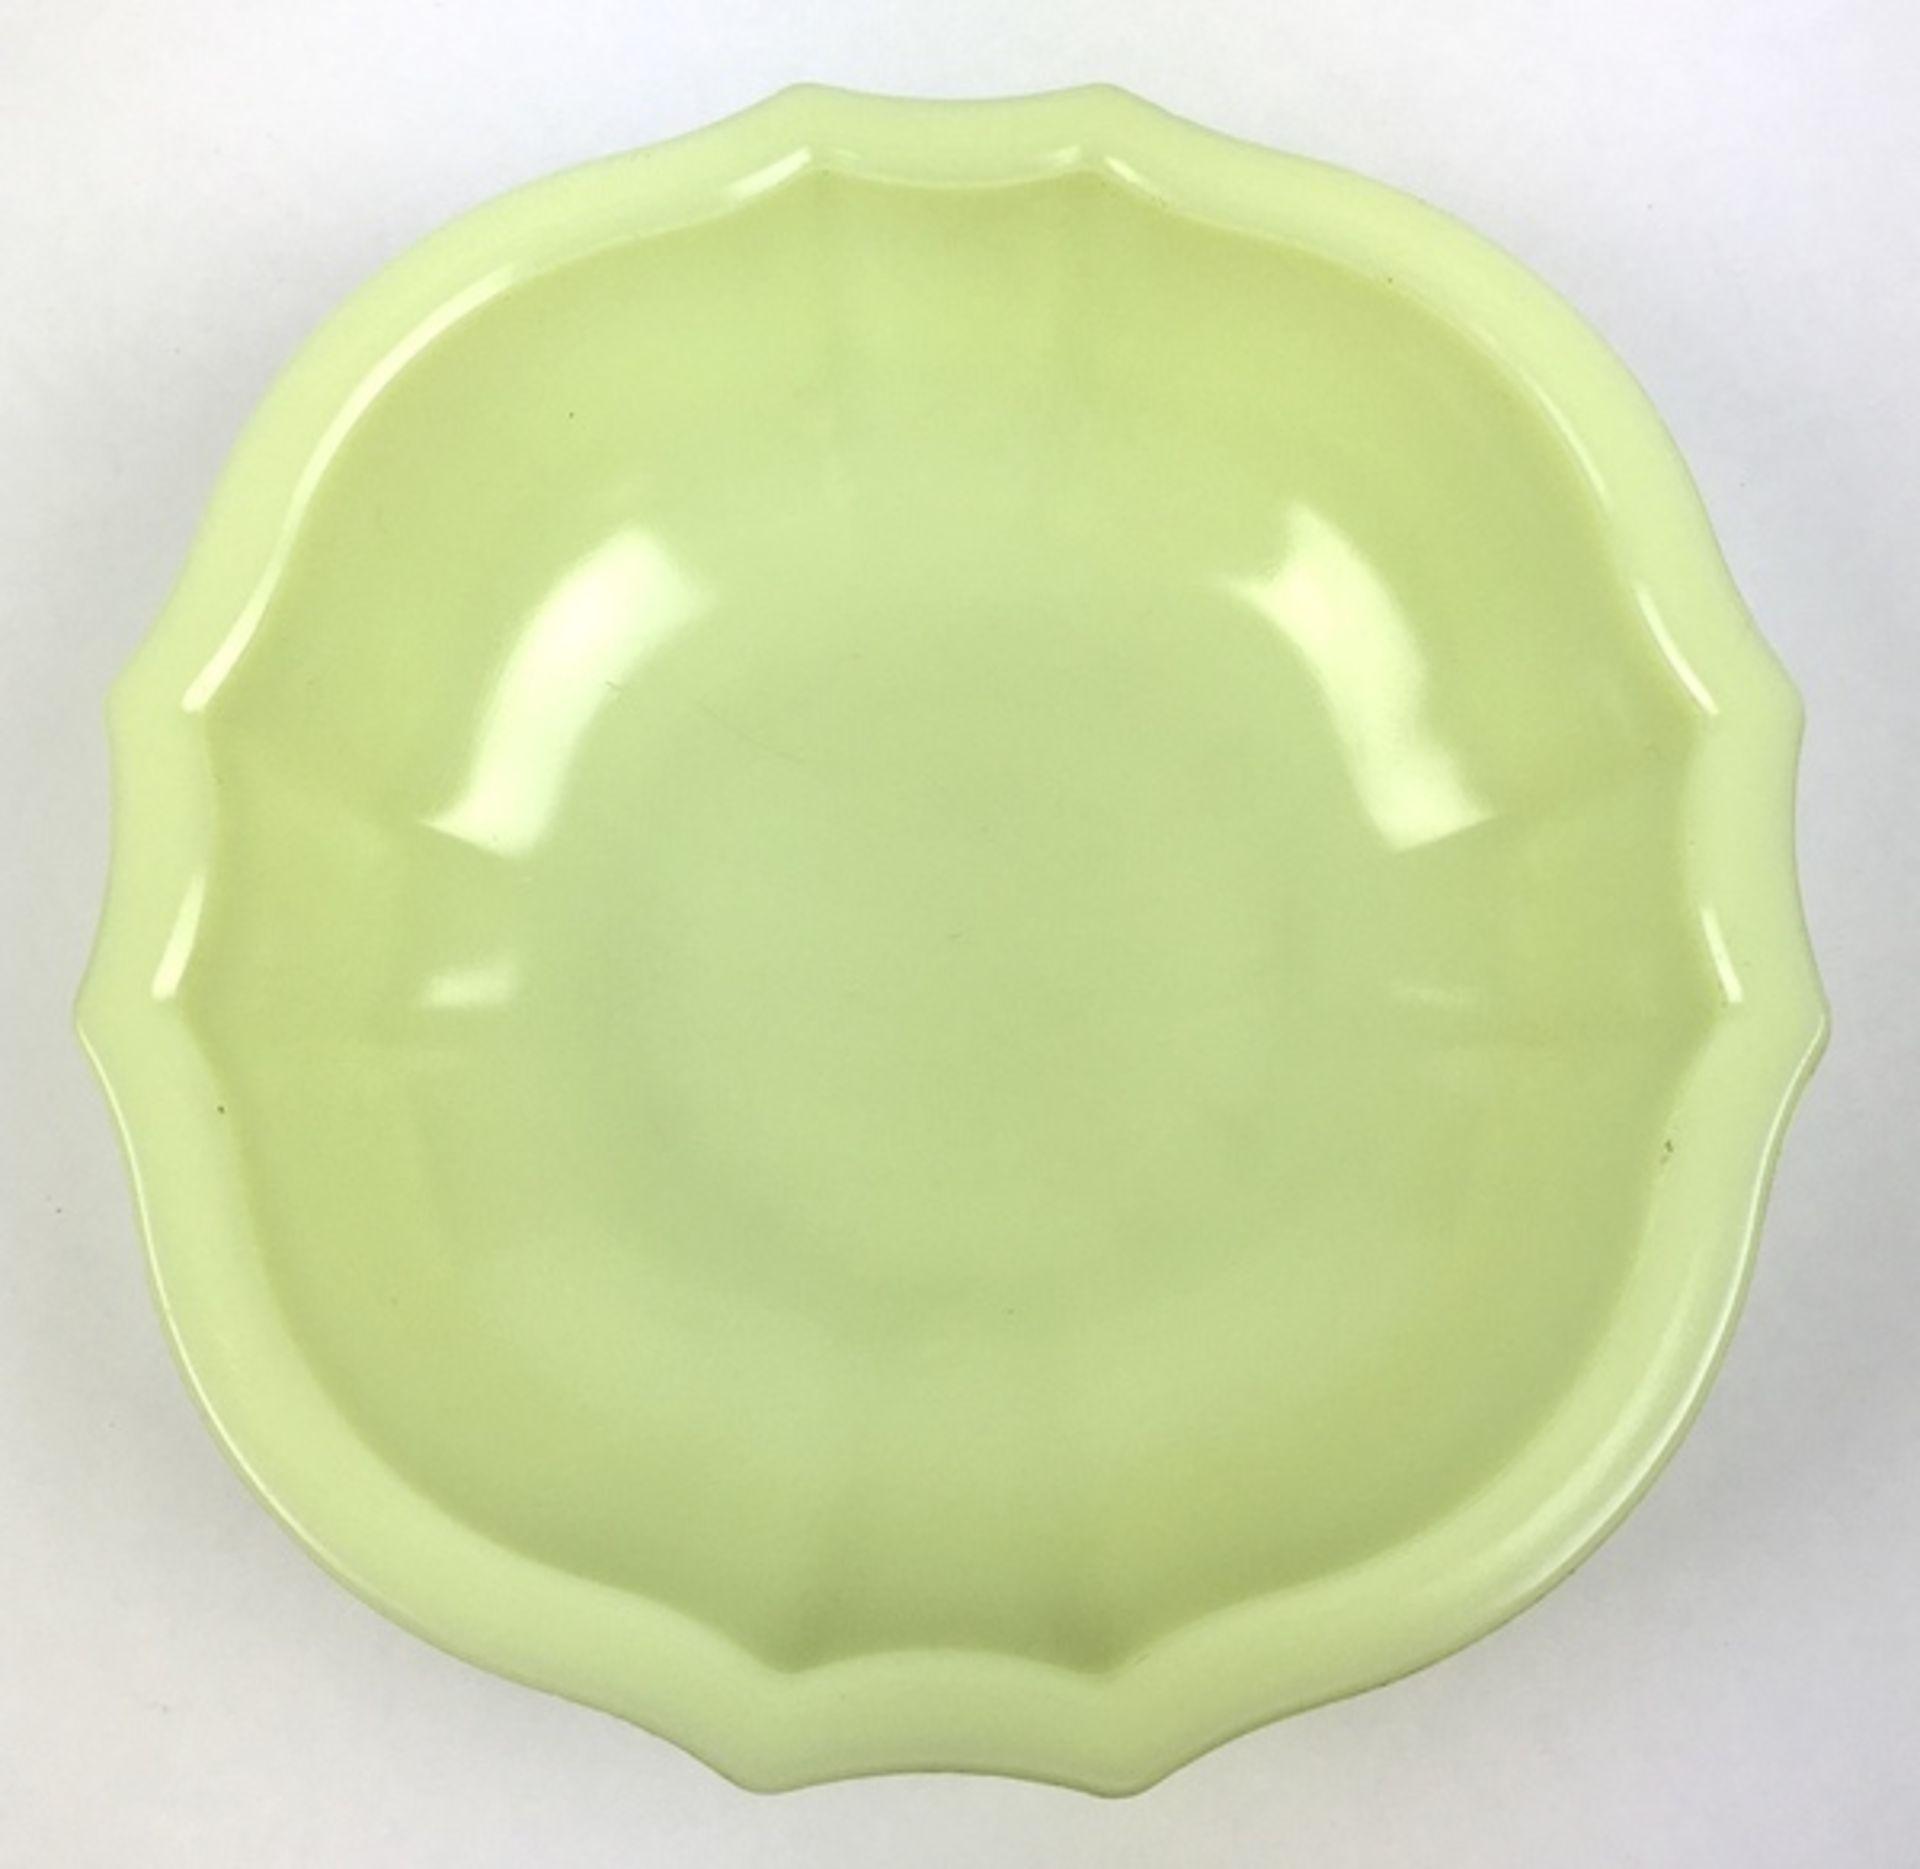 (Toegpaste kunst) Gele colopal plantenschaal, A.D. Copier Glasfabriek LeerdamGeschulpte gele co - Image 5 of 5